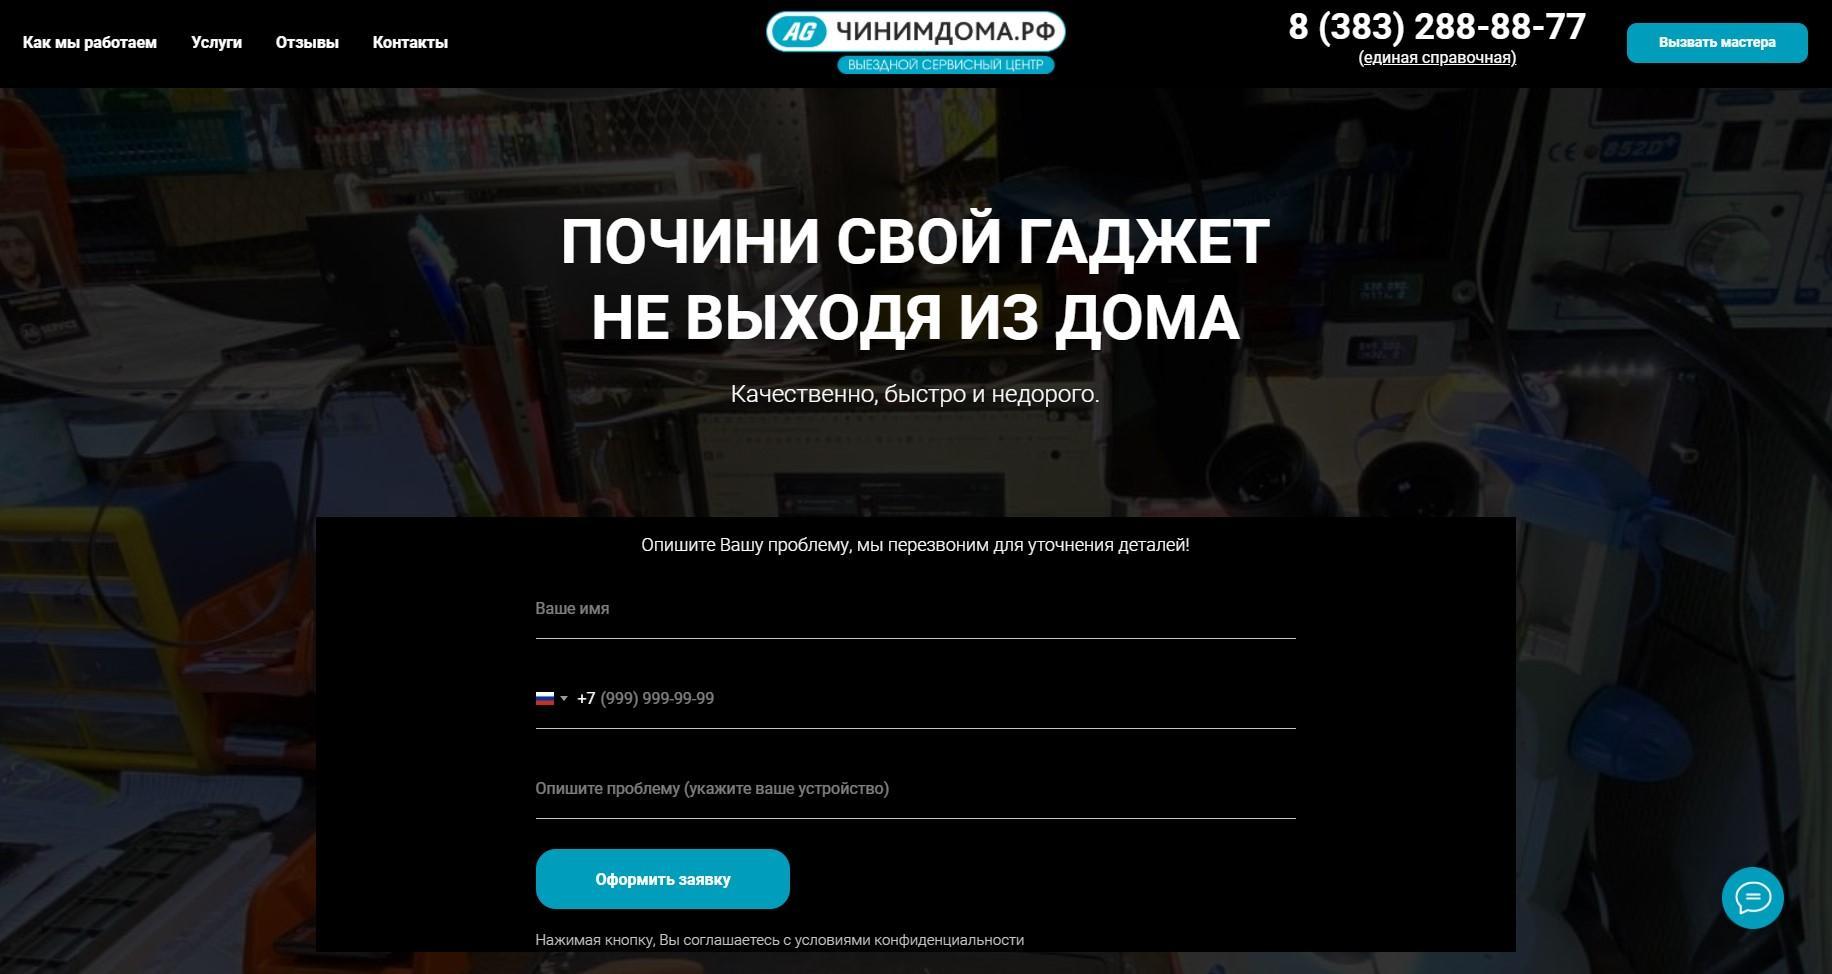 ЧИНИМДОМА.РФ – сайт для AG SERVICE на Tilda. Ремонт гаджетов с выездом